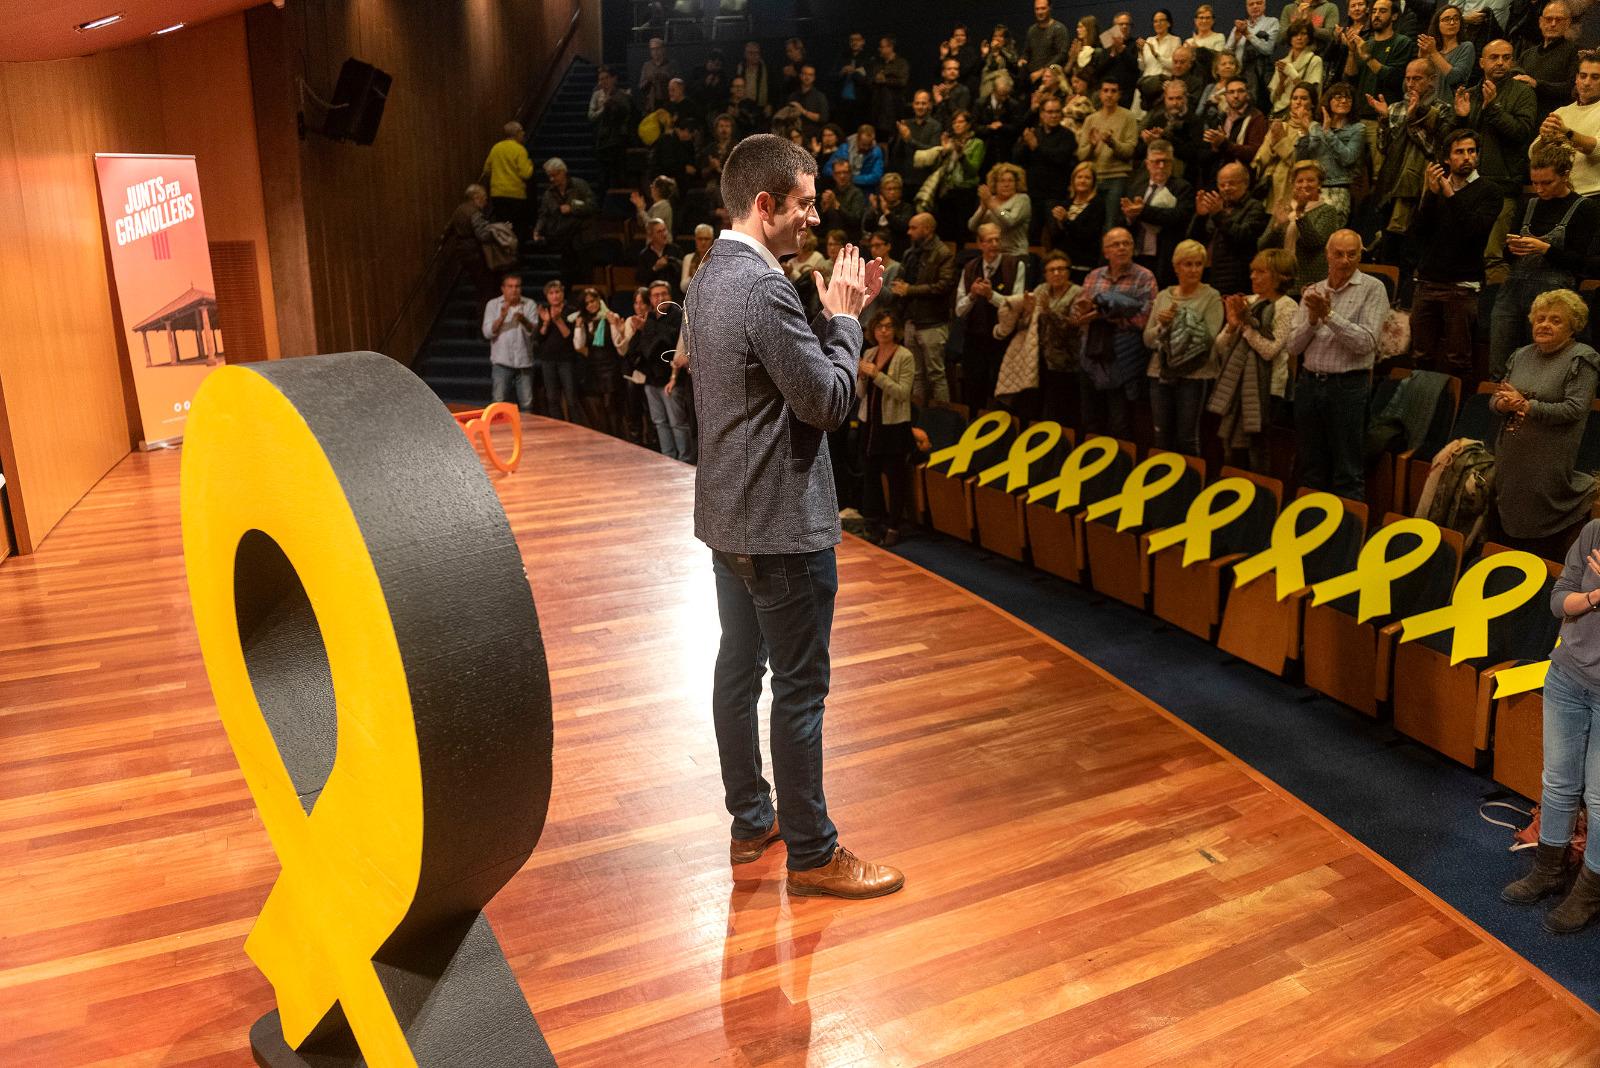 Nou llaços grocs recordaven els presos polítics i exiliats